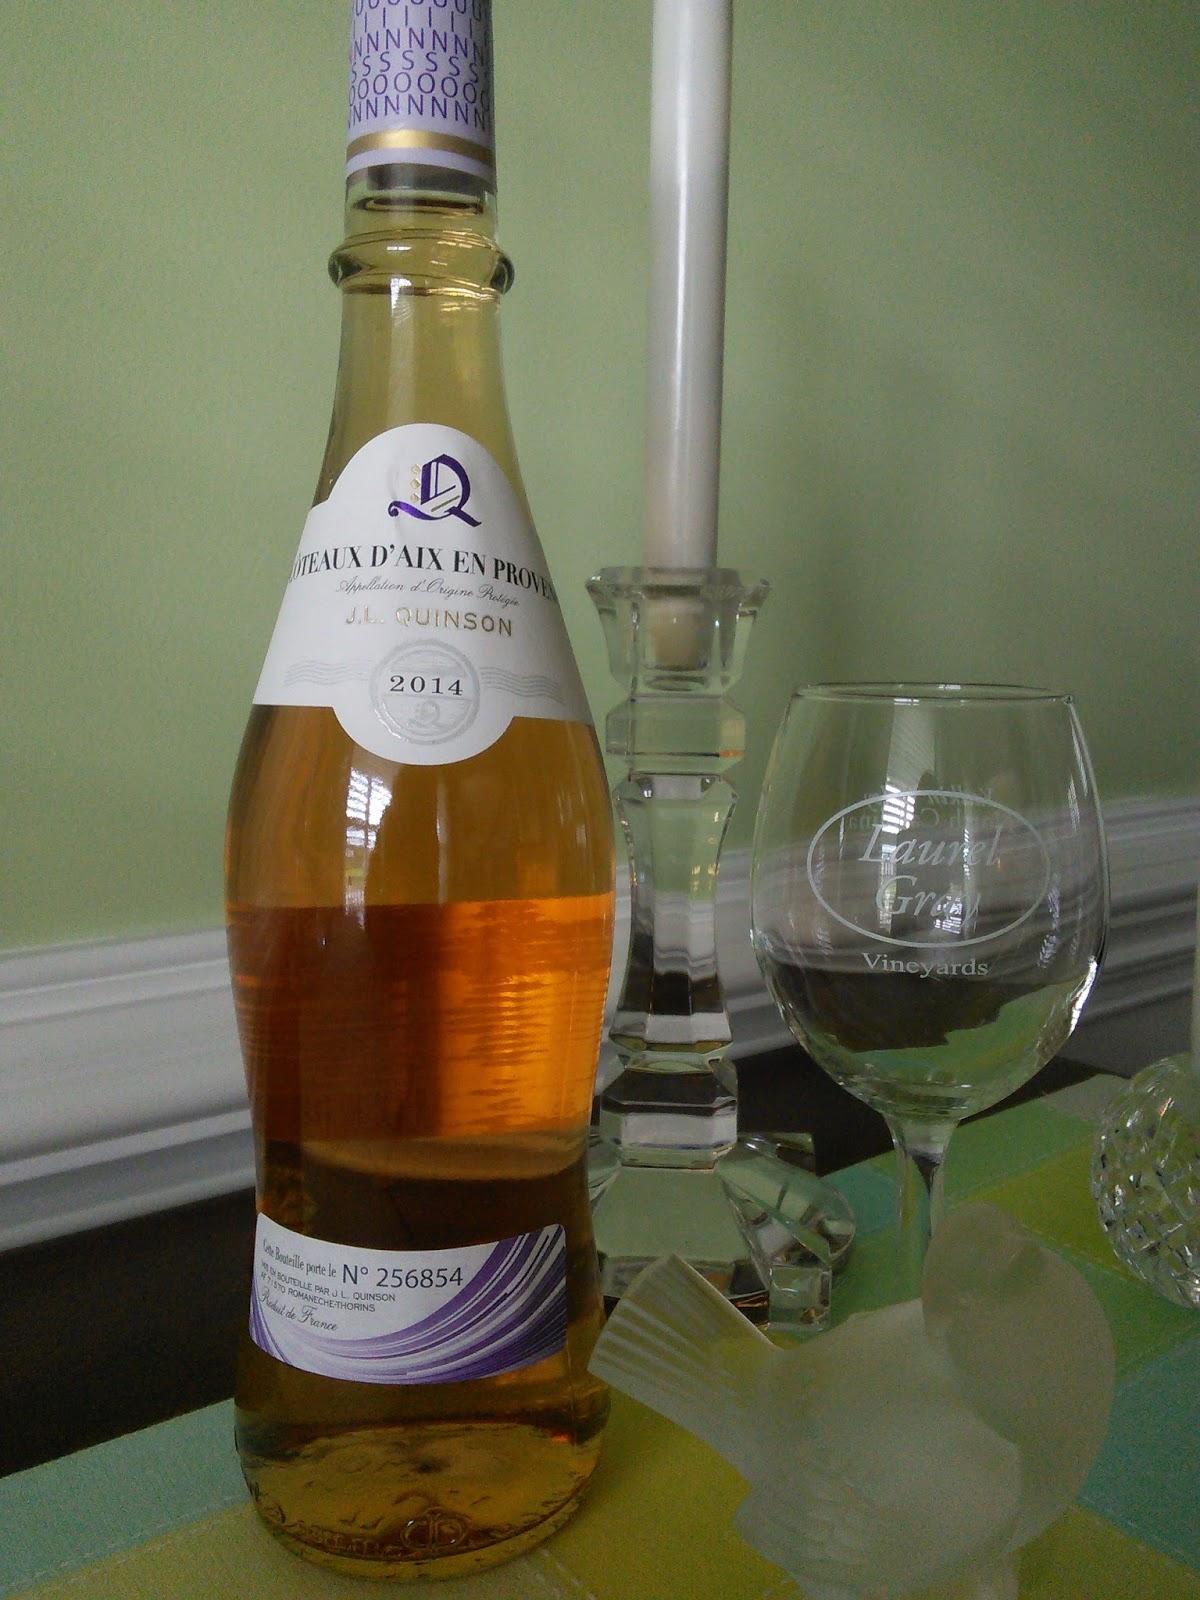 south carolina wine joe: j.l. quinson coteaux d'aix en provence